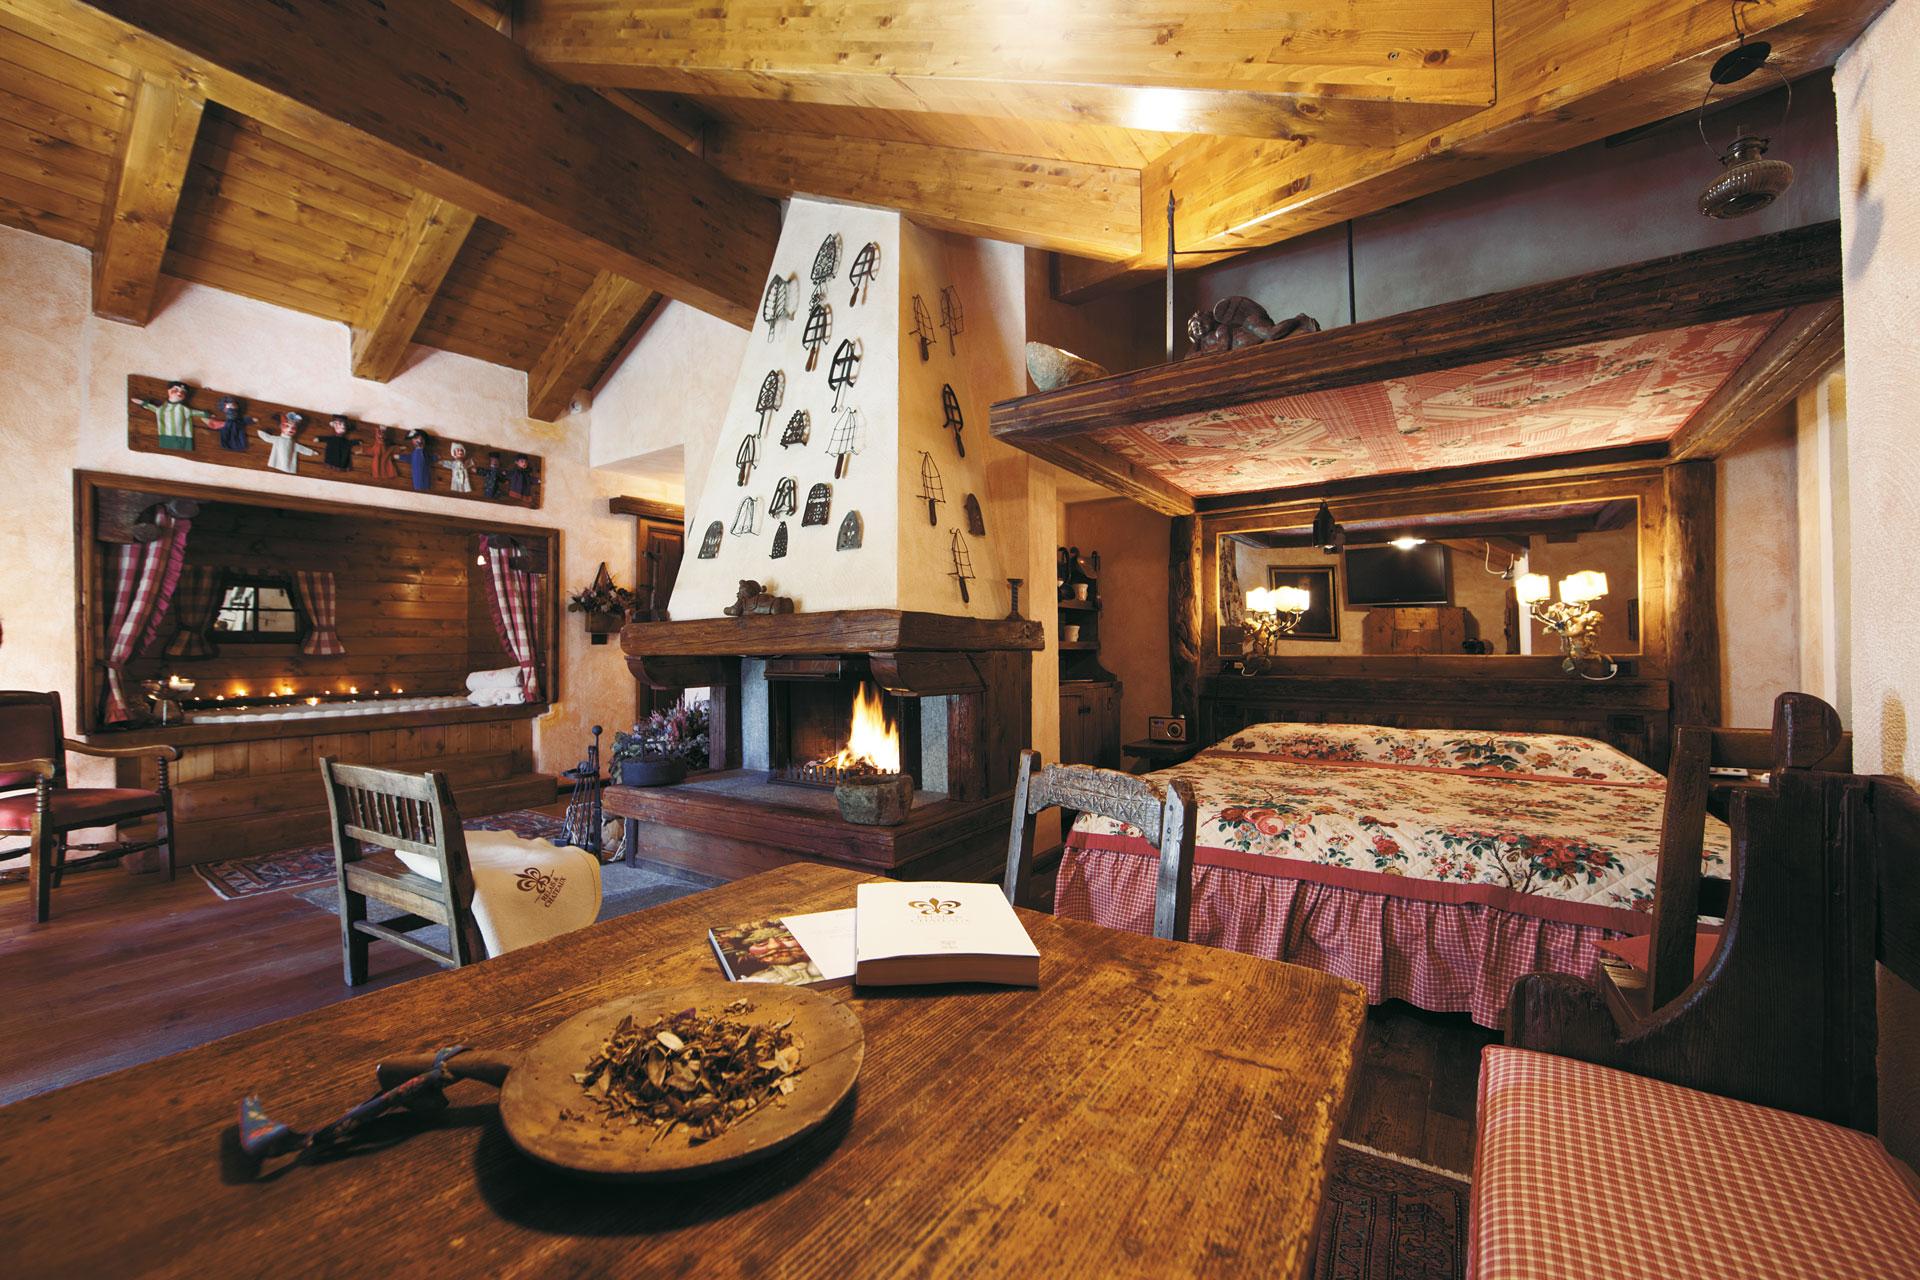 Cucine Per Chalet Di Montagna come arredare una casa di montagna in modo semplice e